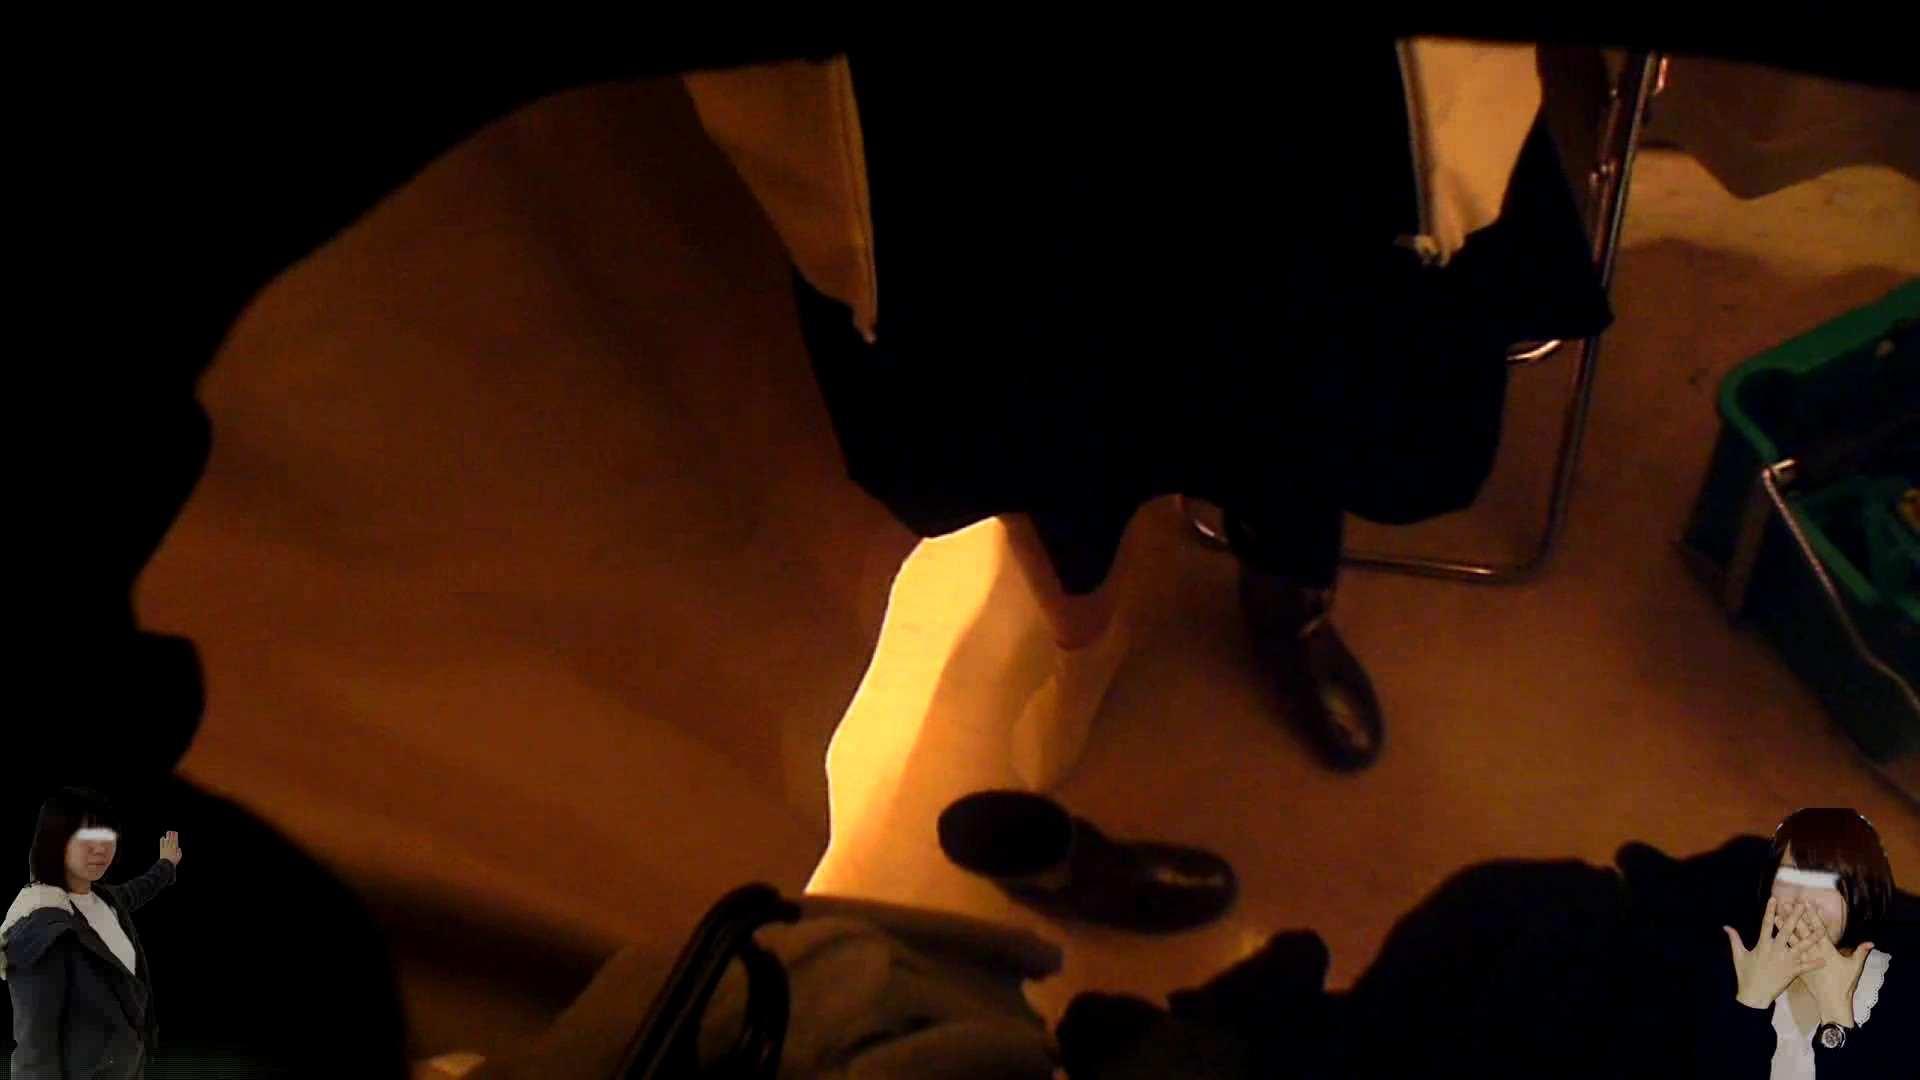 素人投稿 現役「JD」Eちゃんの着替え Vol.05 着替え 盗撮セックス無修正動画無料 111画像 43